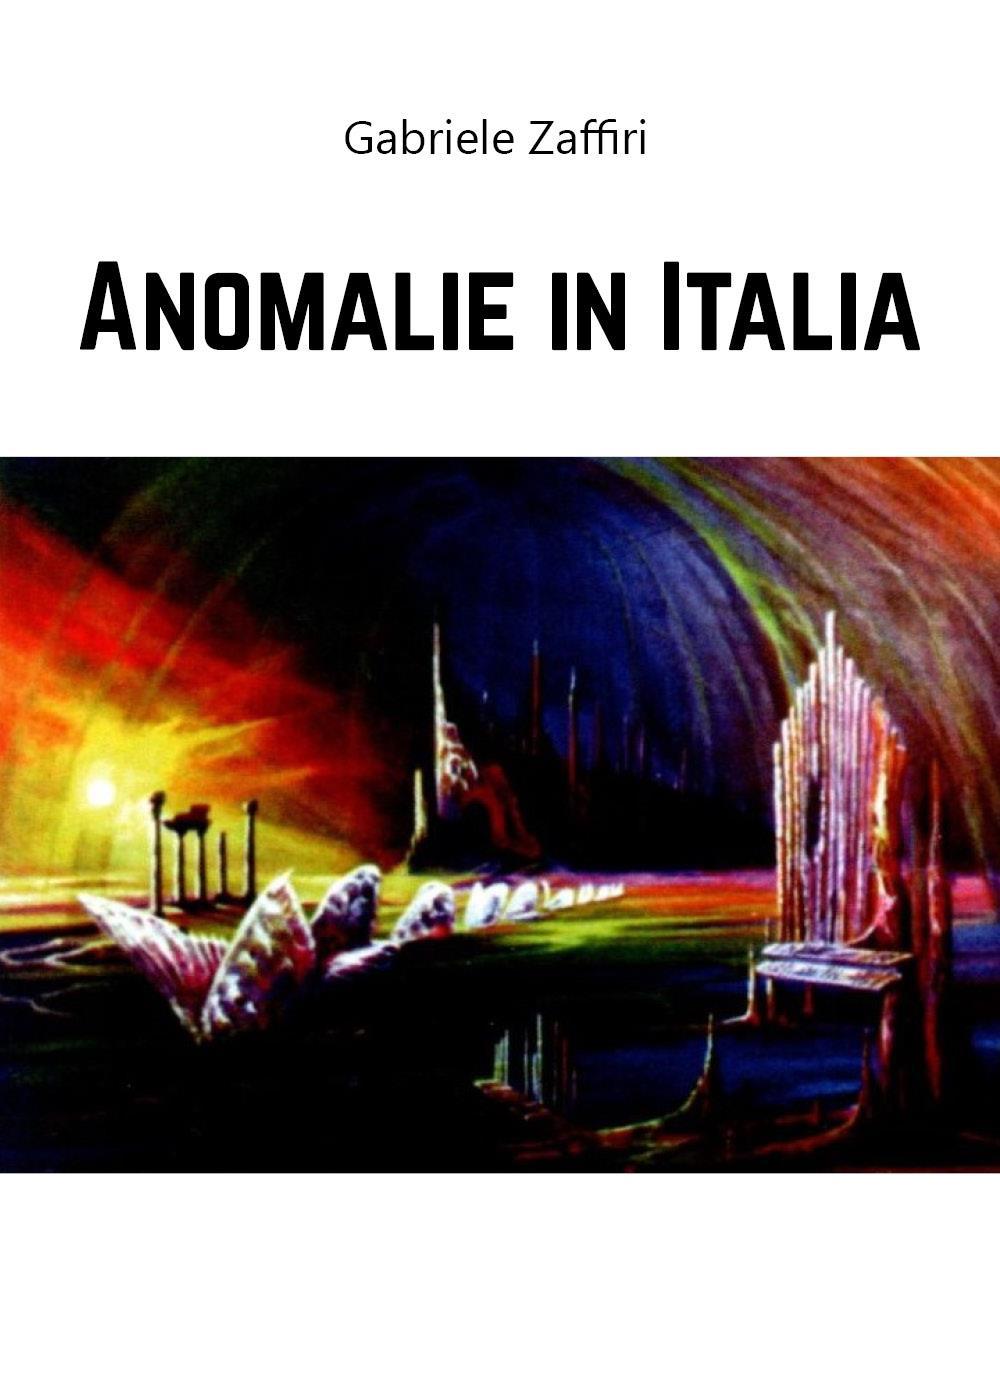 Anomalie in Italia